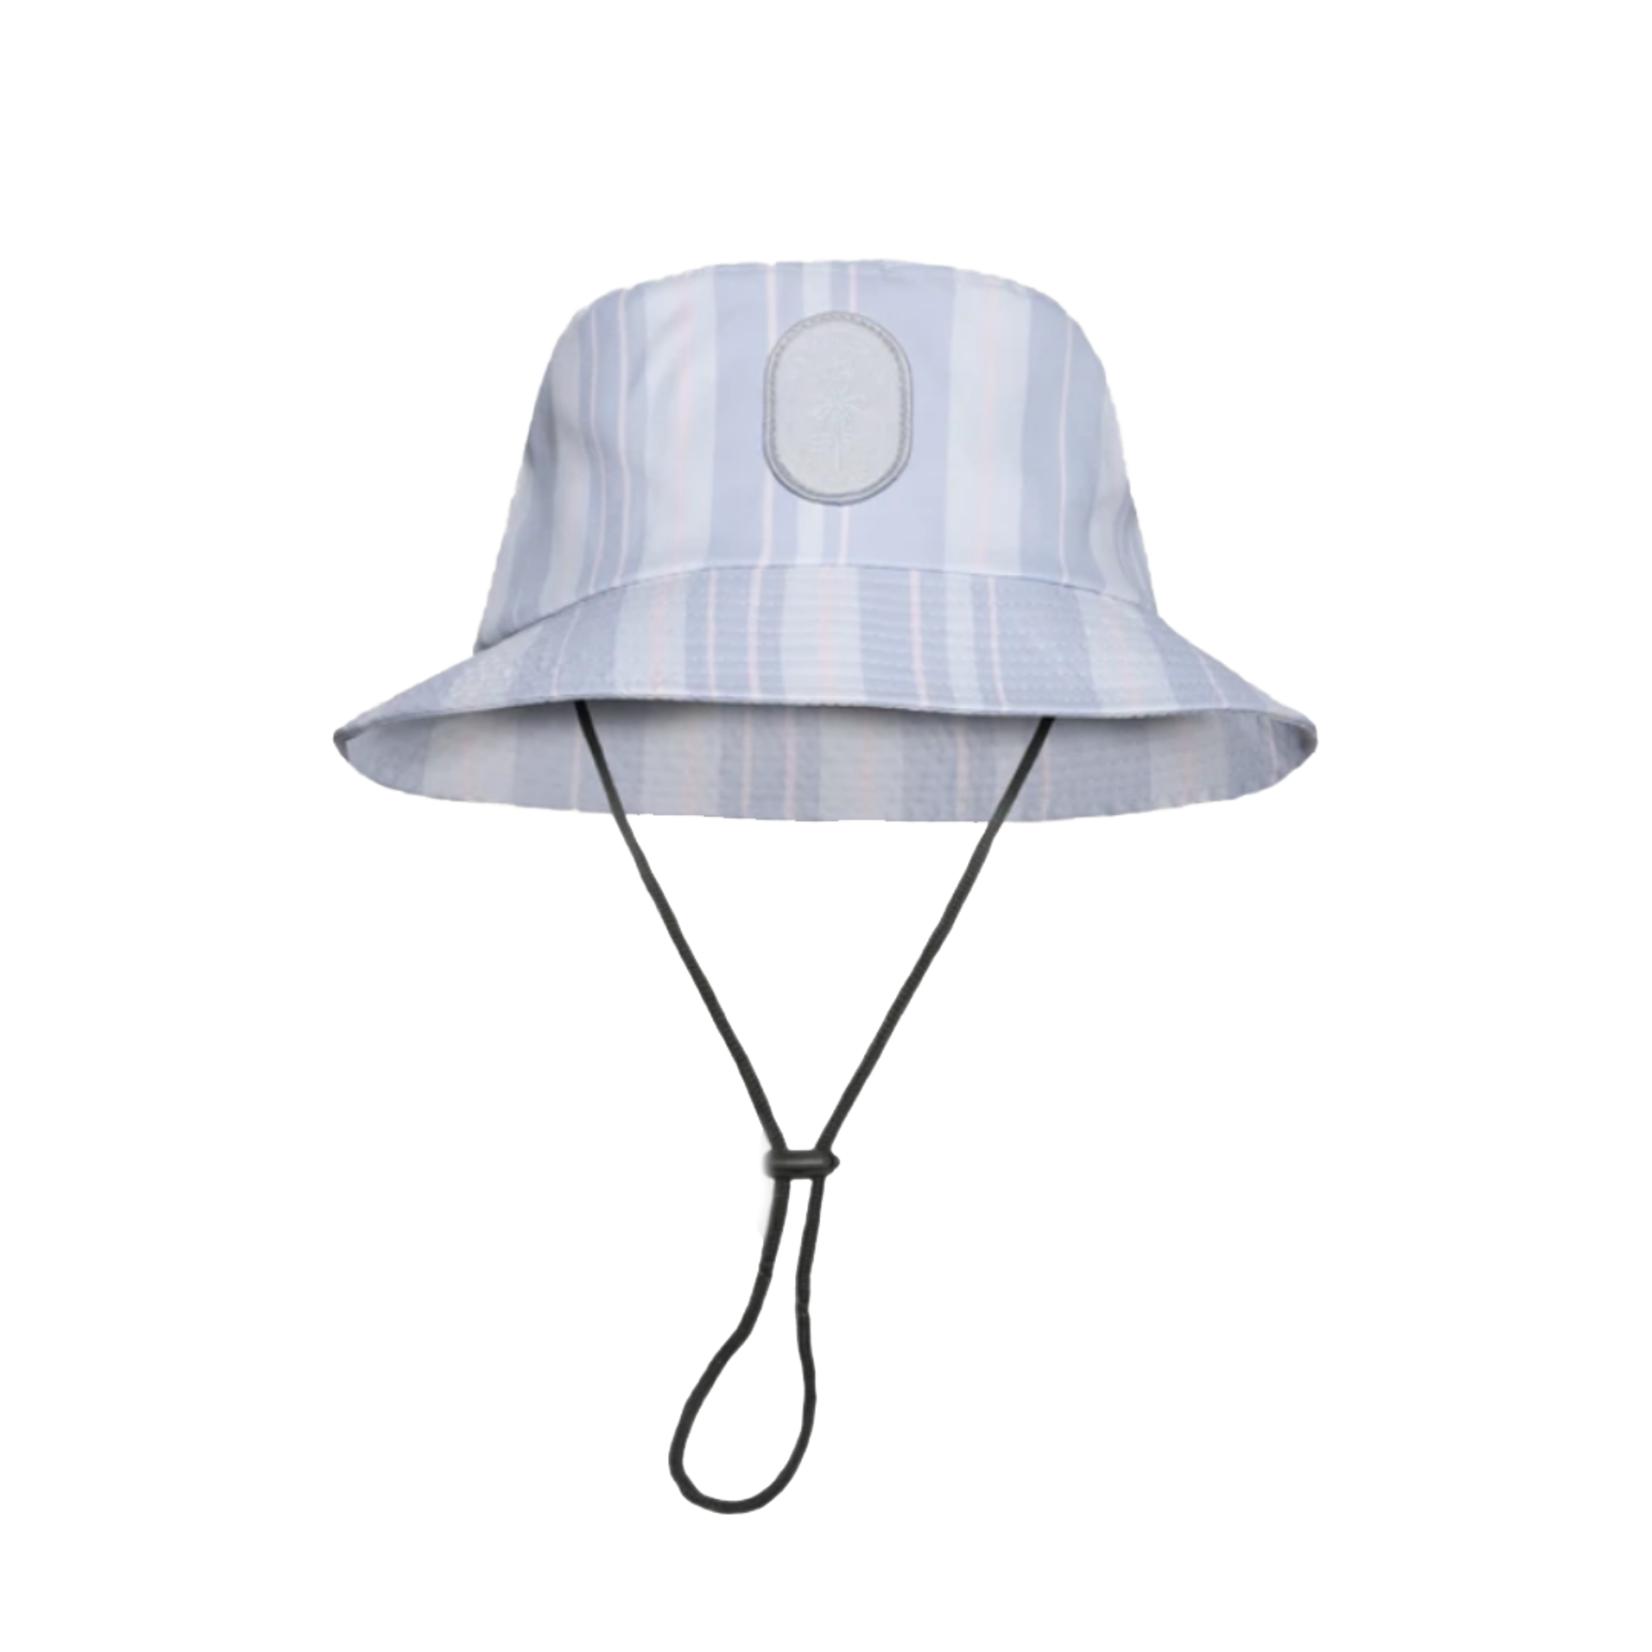 TEAMLTD Men's Bucket Hat